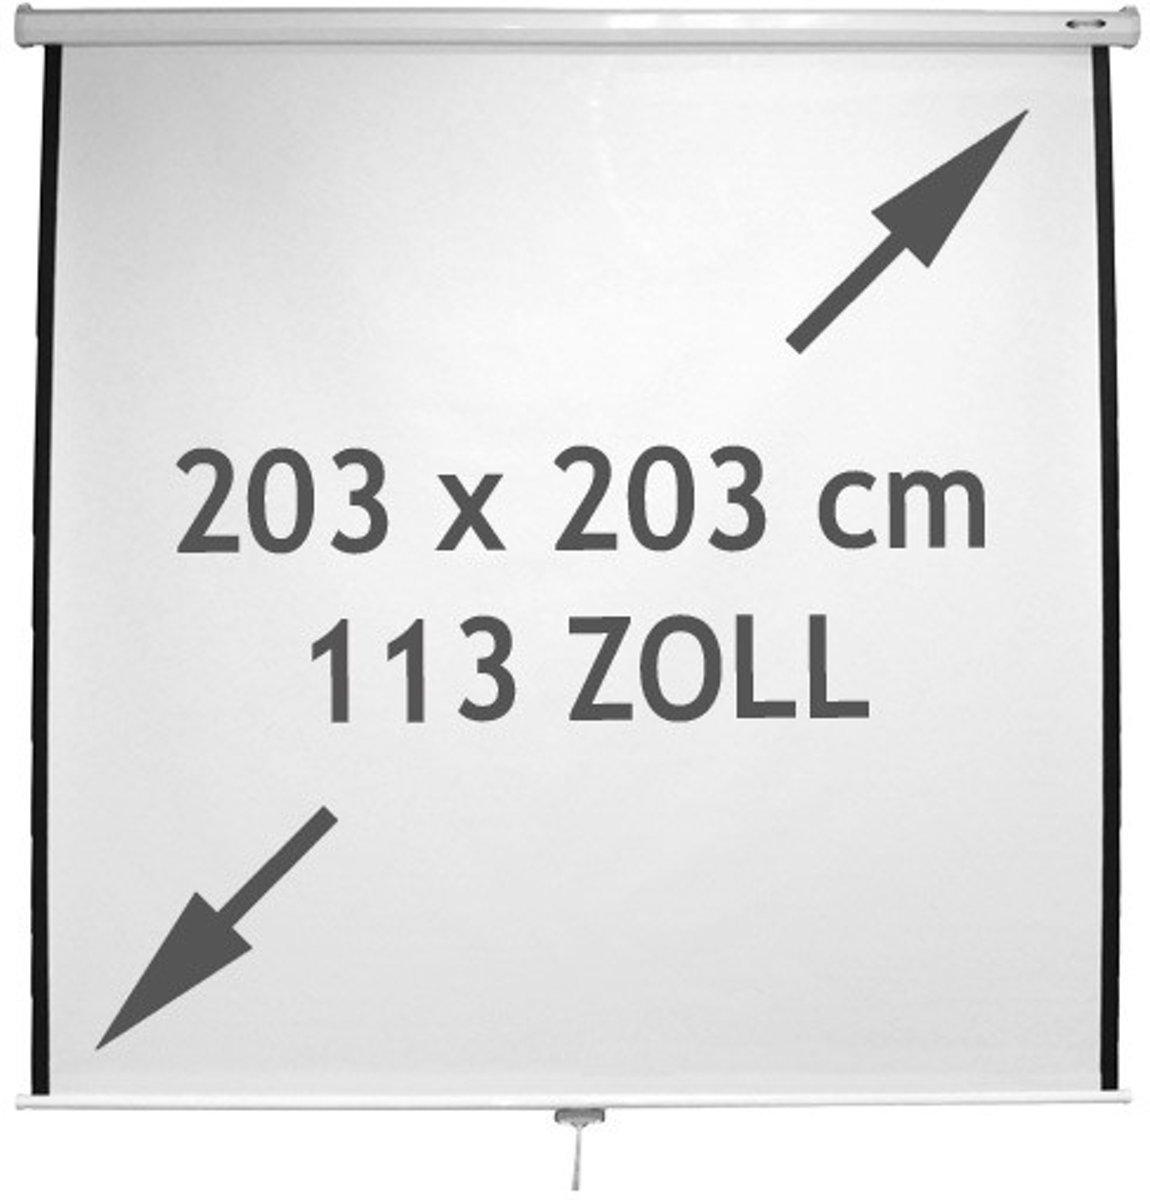 Oprolbaar - Projectiescherm - 203 x 203 cm kopen